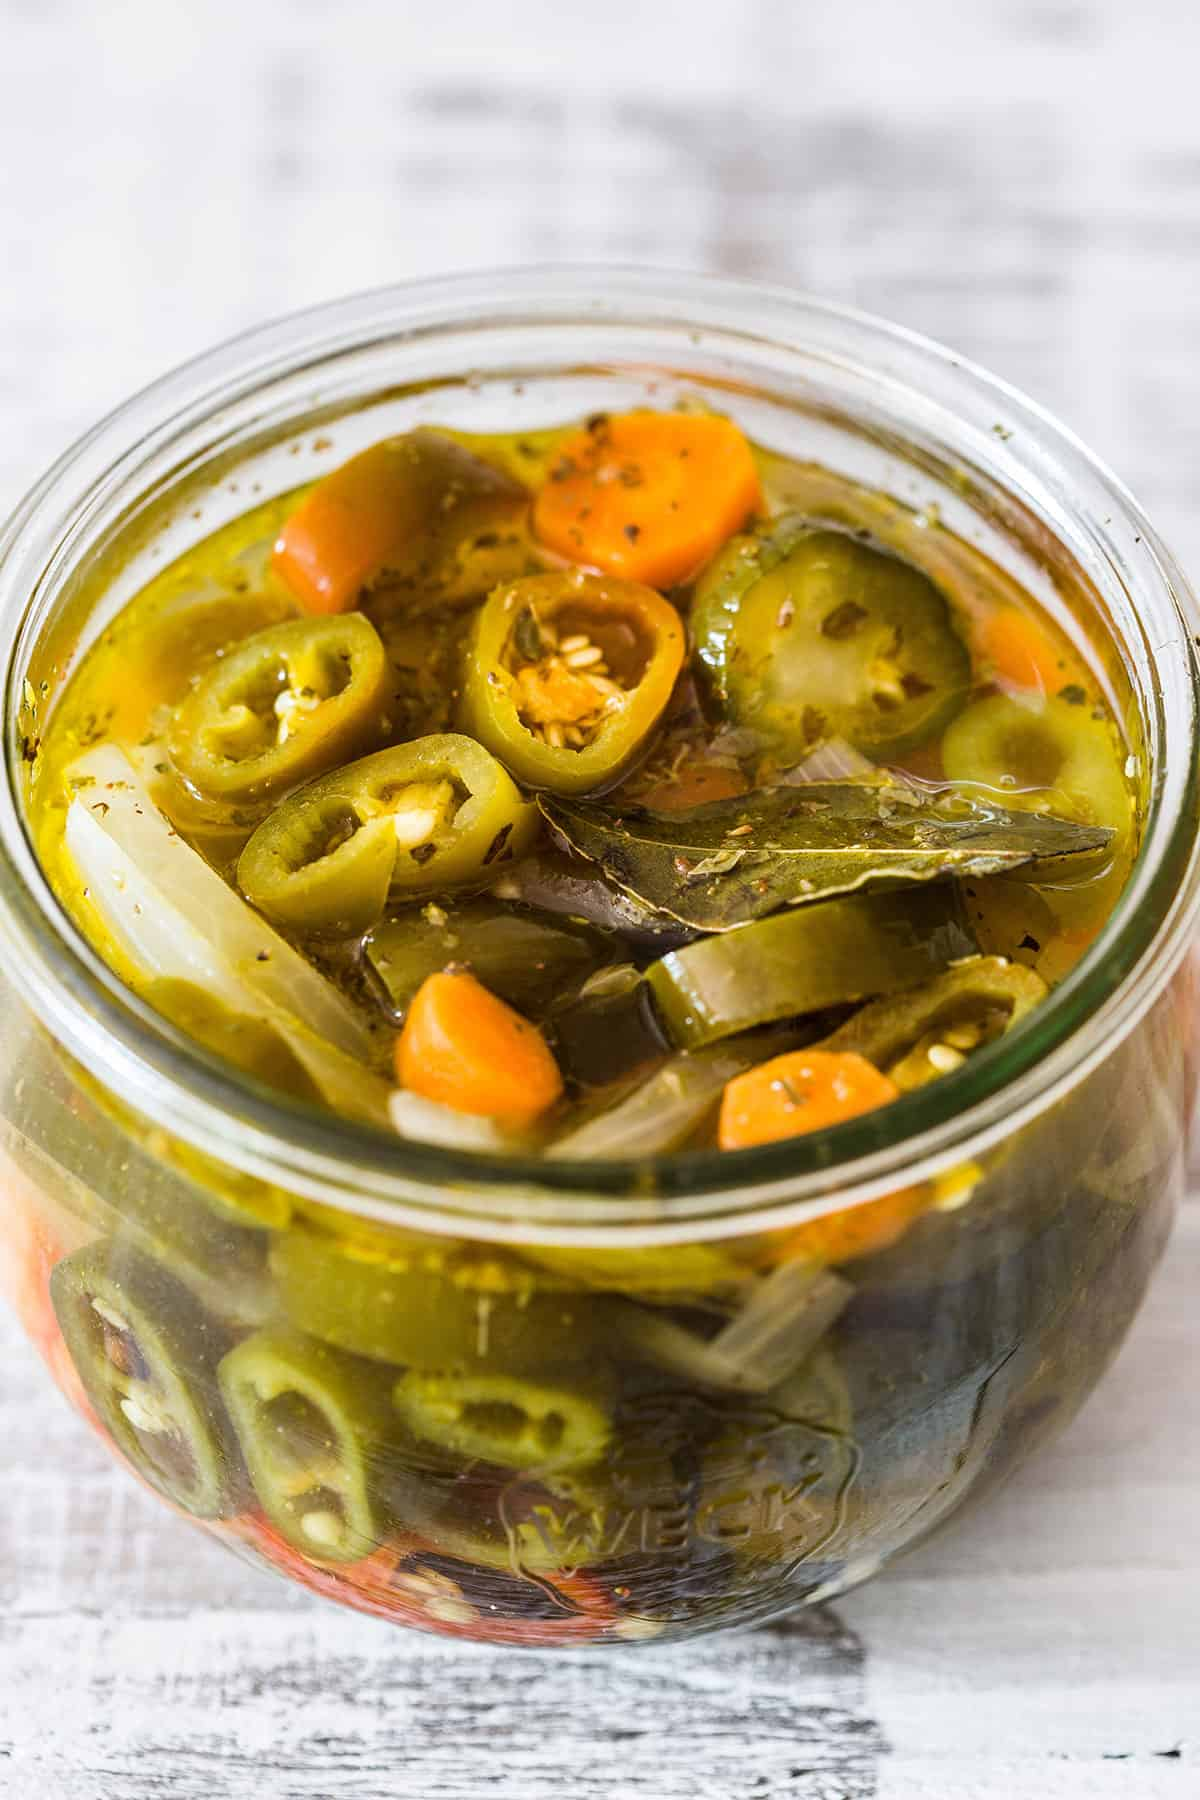 Chiles en vinagre (pickled jalapenos) in a jar.